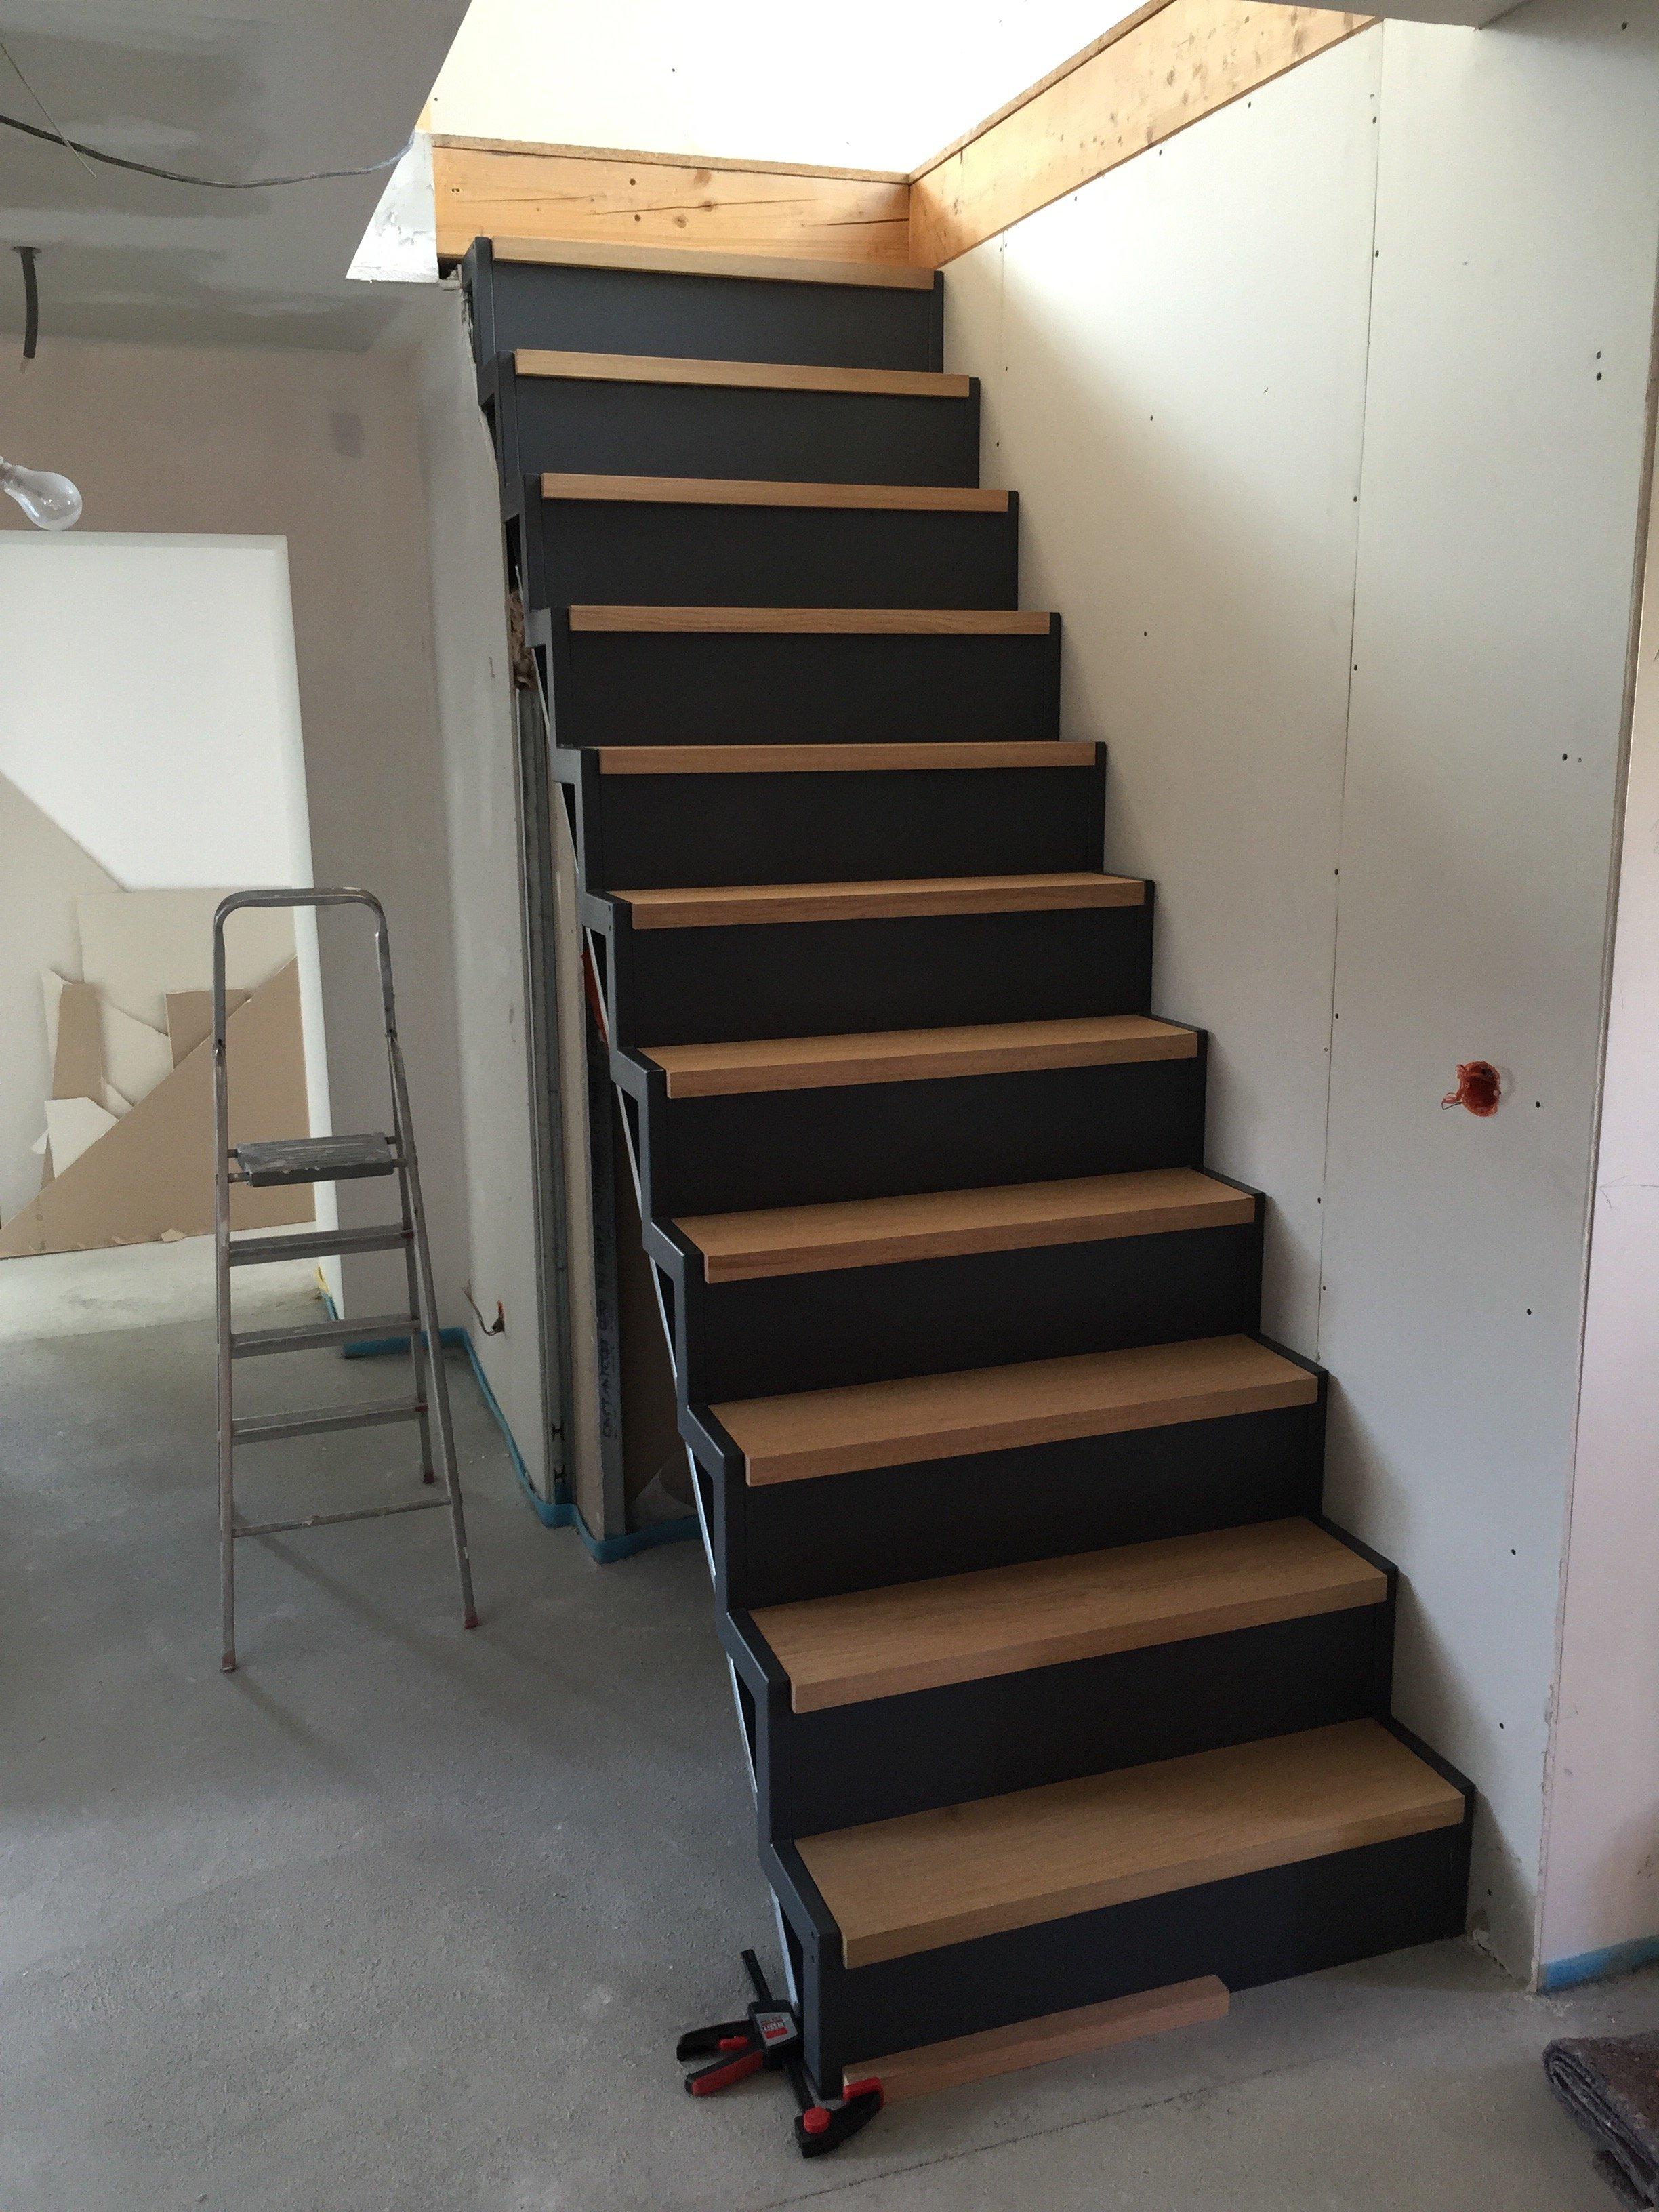 Escalier Bois Metal Noir tailacreaciones: escalier noir et bois